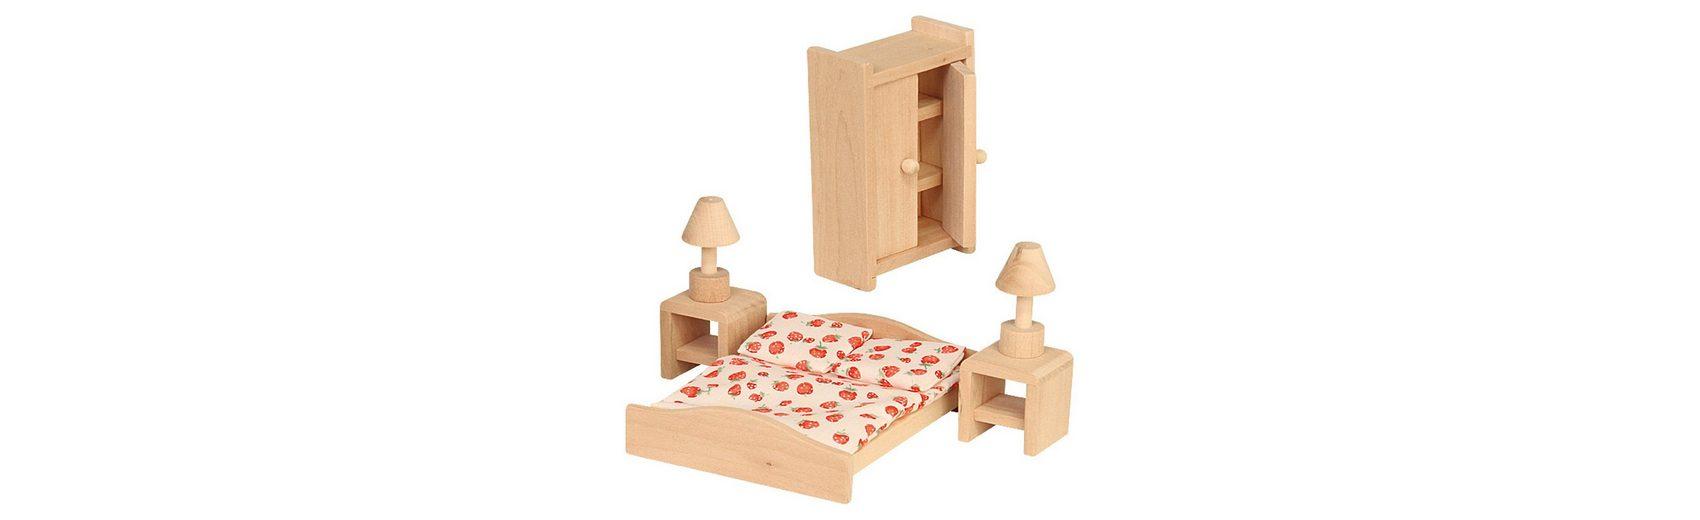 Beluga Puppenhausmöbel Schlafzimmer Holz